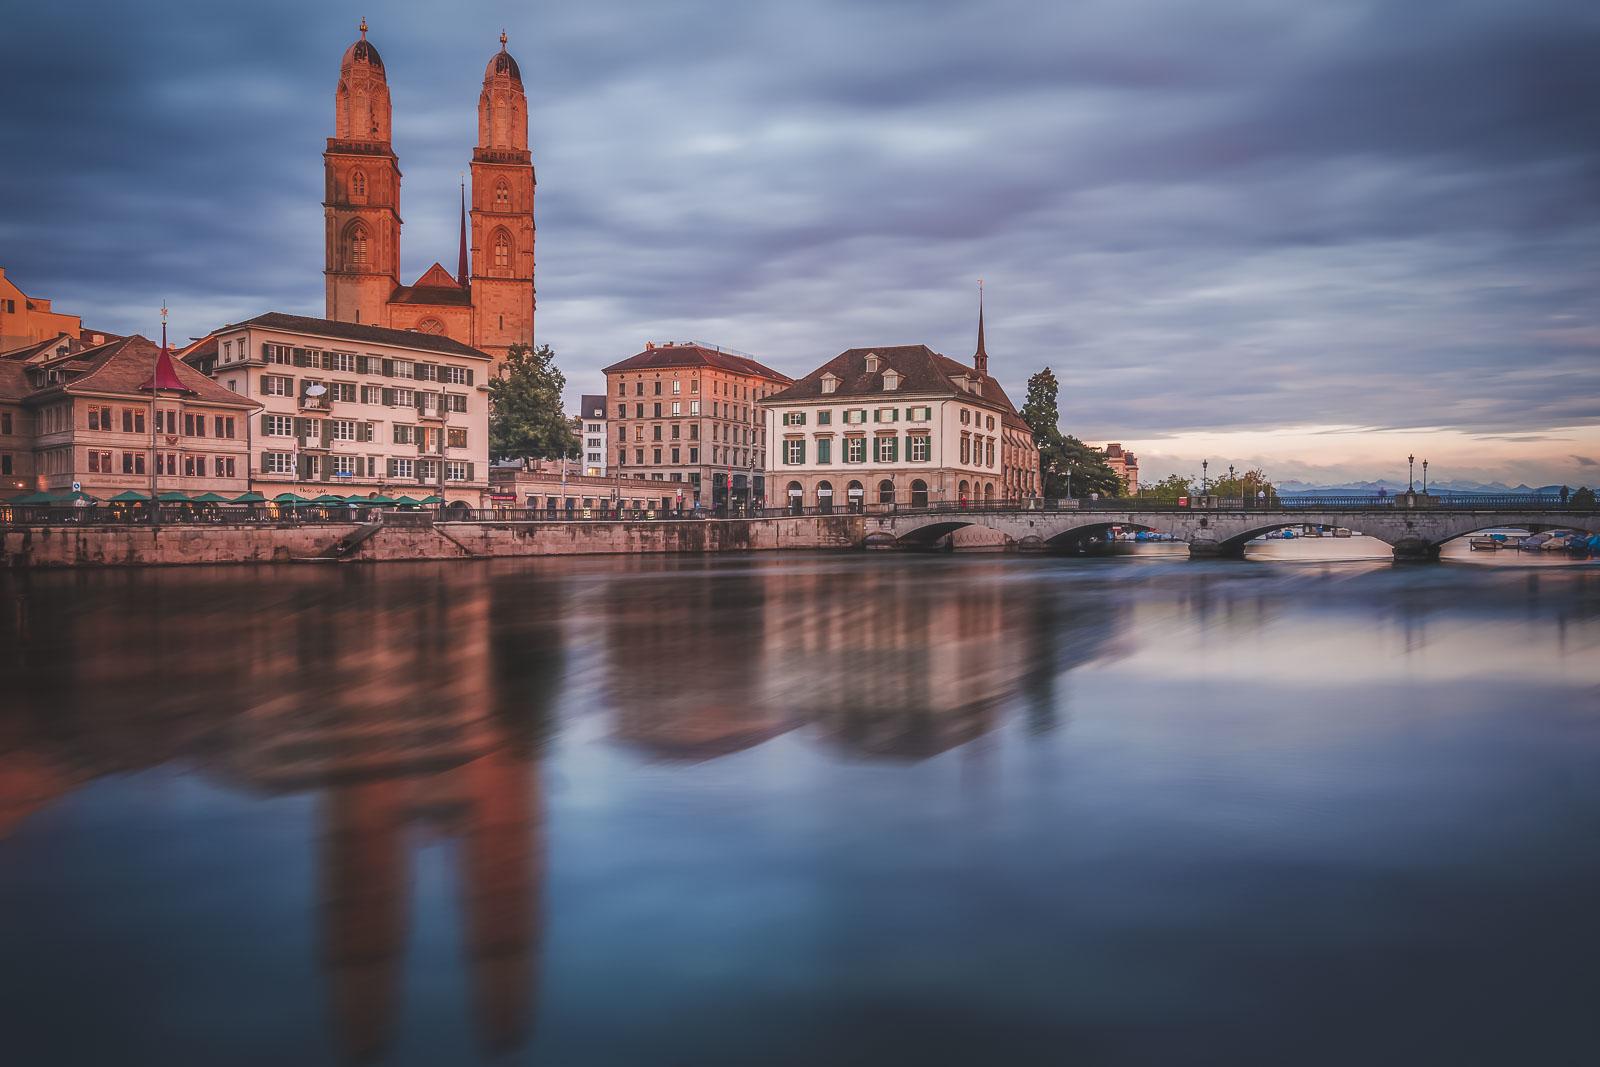 3 Days in Zurich Itinerary